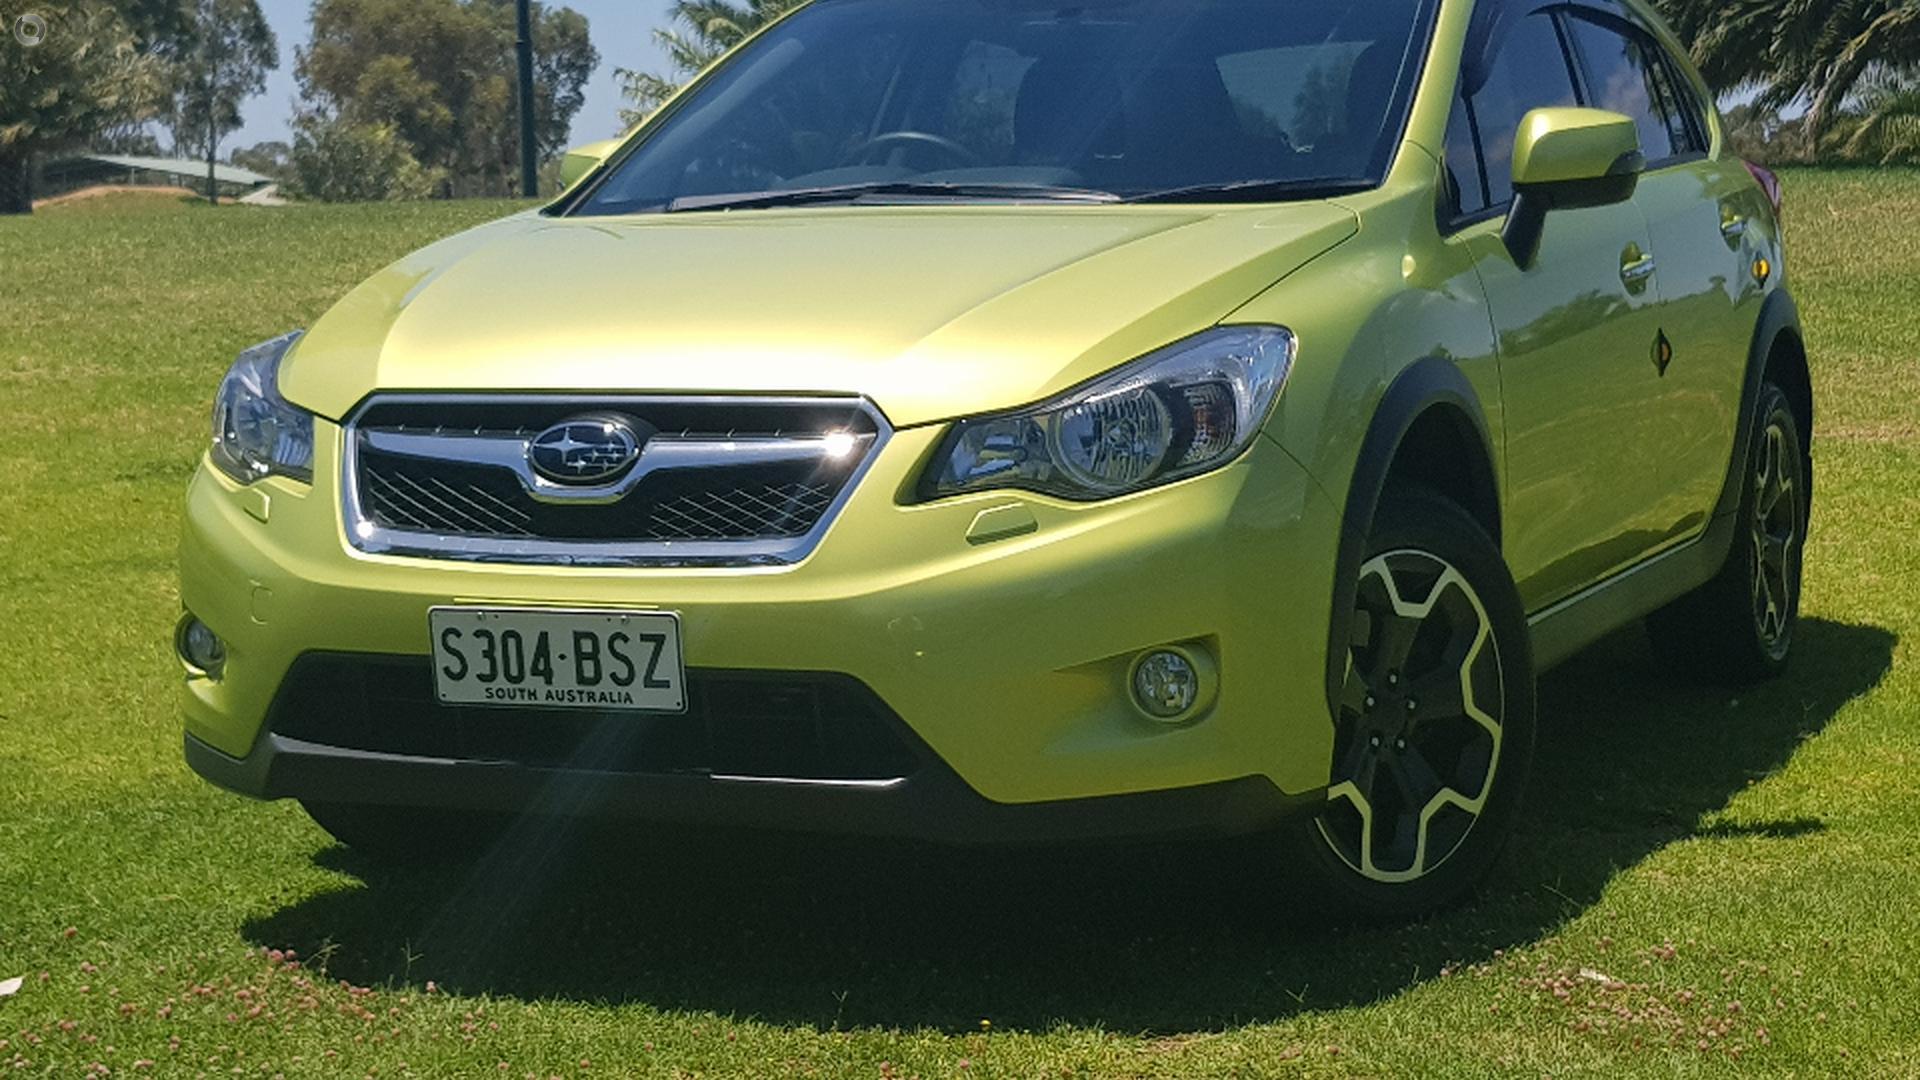 2014 Subaru Xv 2.0i-s